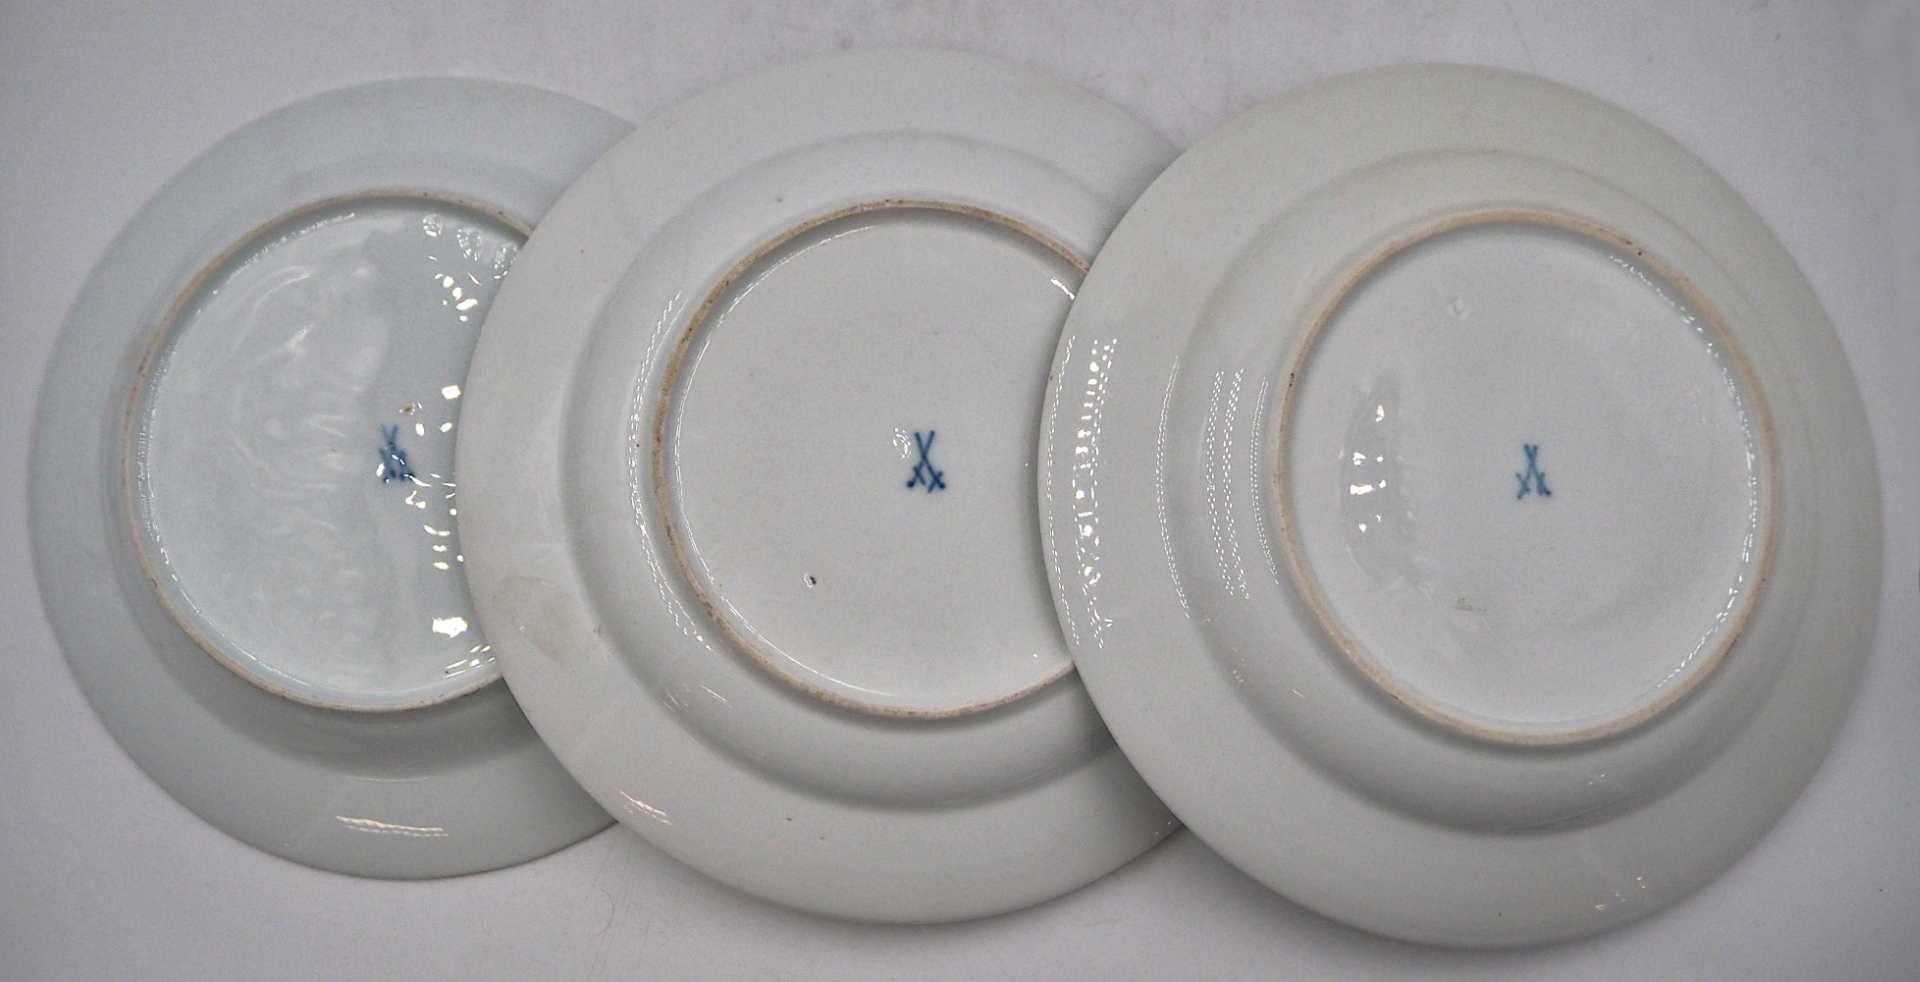 3 Teller Porzellan MEISSEN wohl Ende 19./Anfang 20. Jh. je mit unterglasurblauer Knauf - Bild 2 aus 2